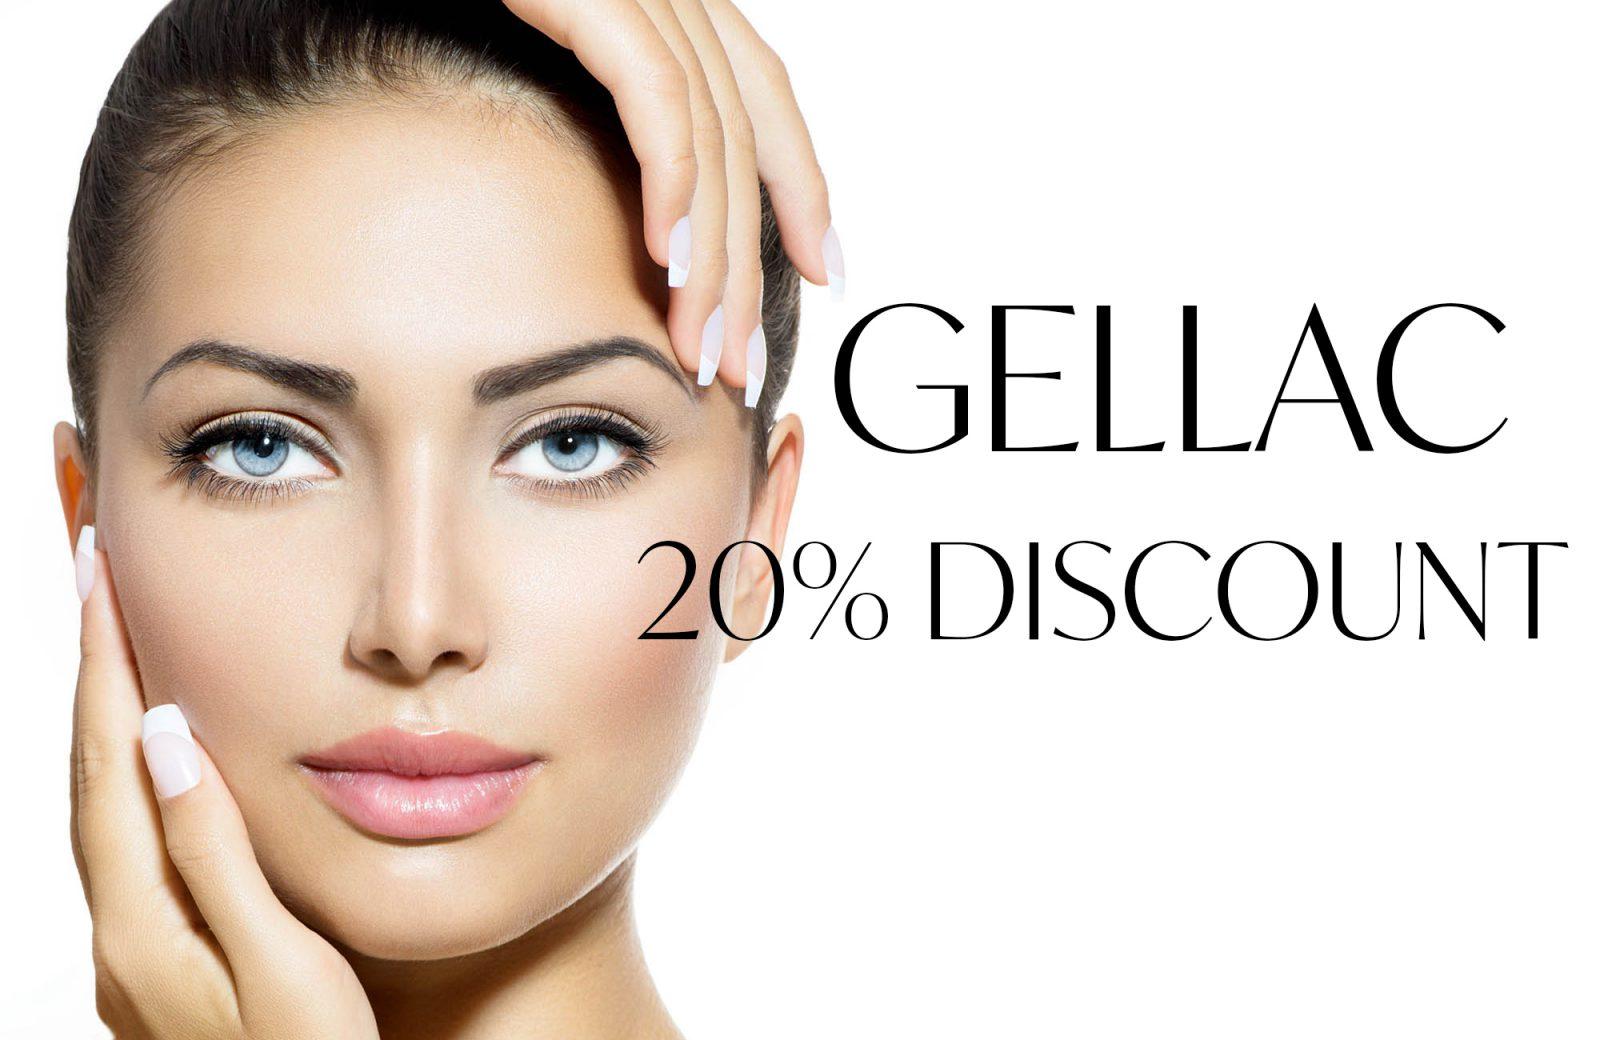 gellac 20% discount